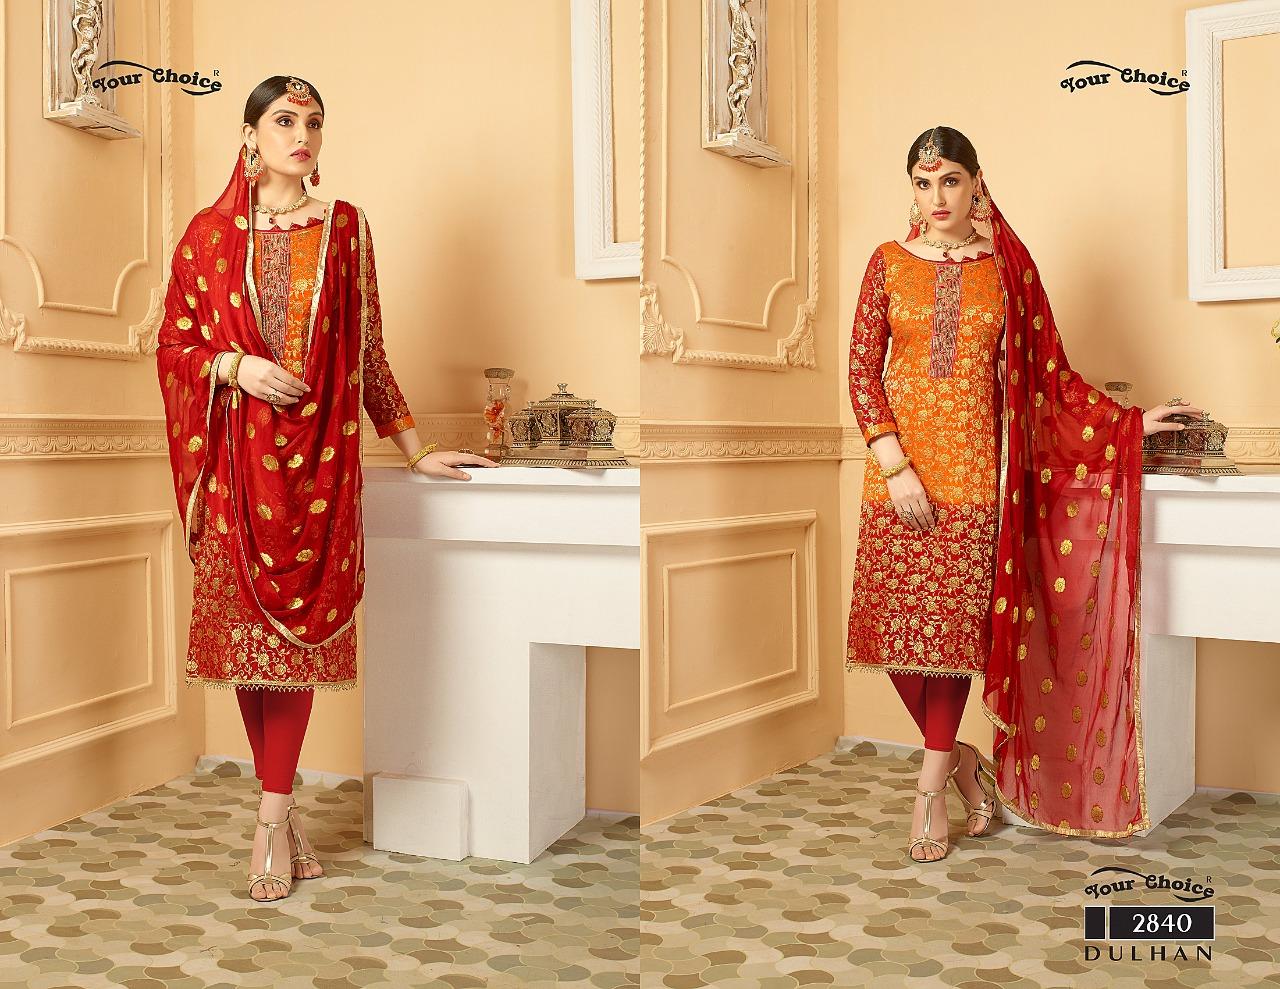 Your Choice Dulhan Pure Banarasi 2840